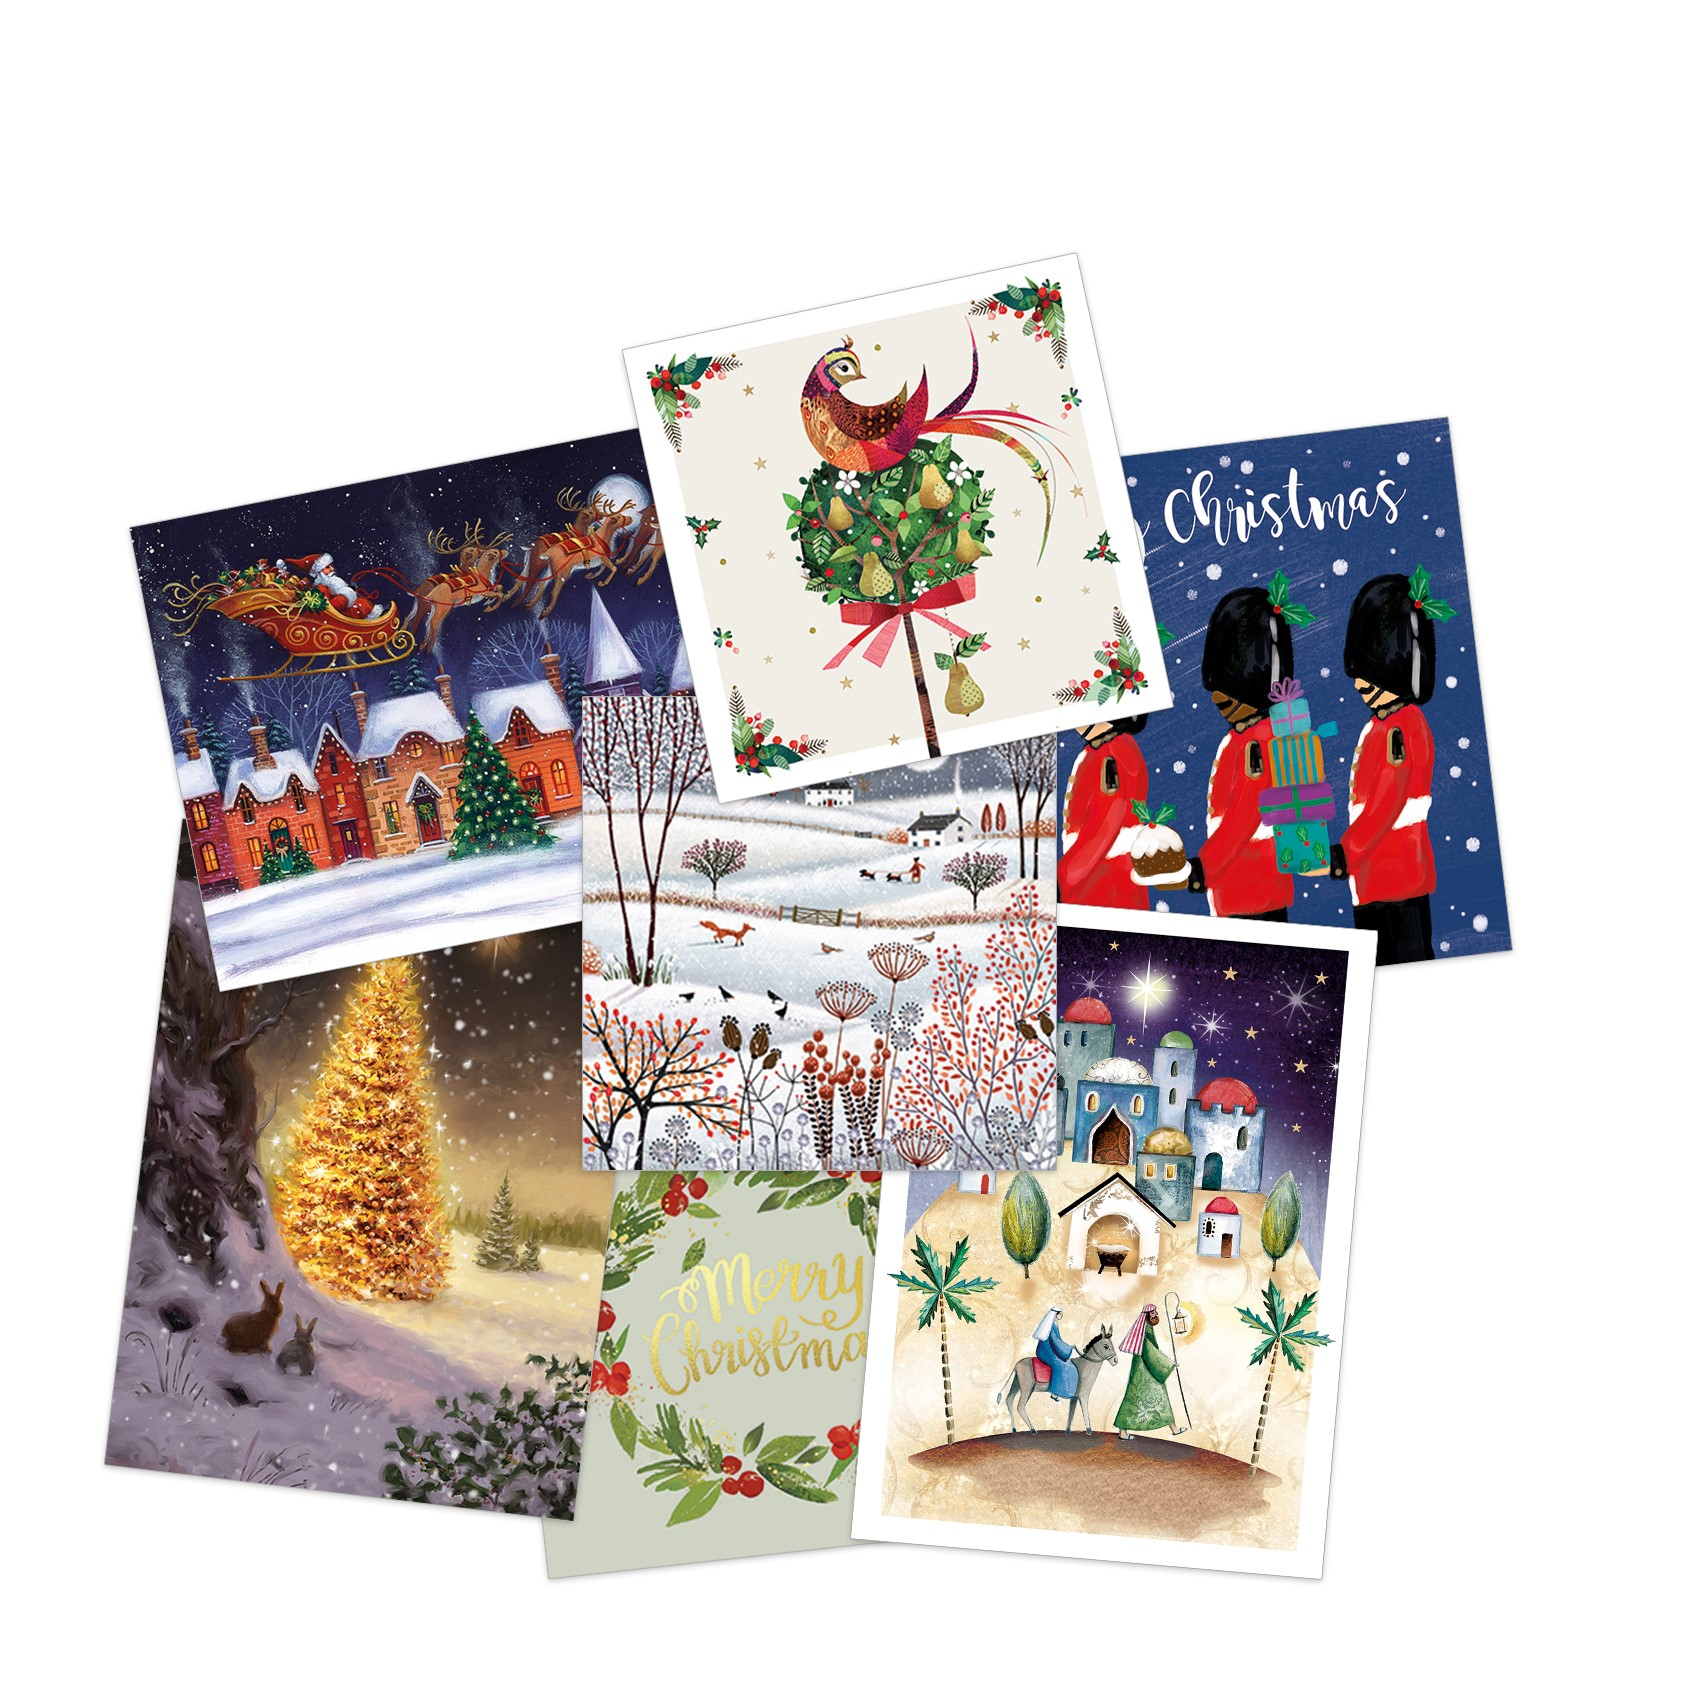 2020 christmas cards ssafa store 2020 christmas cards ssafa store